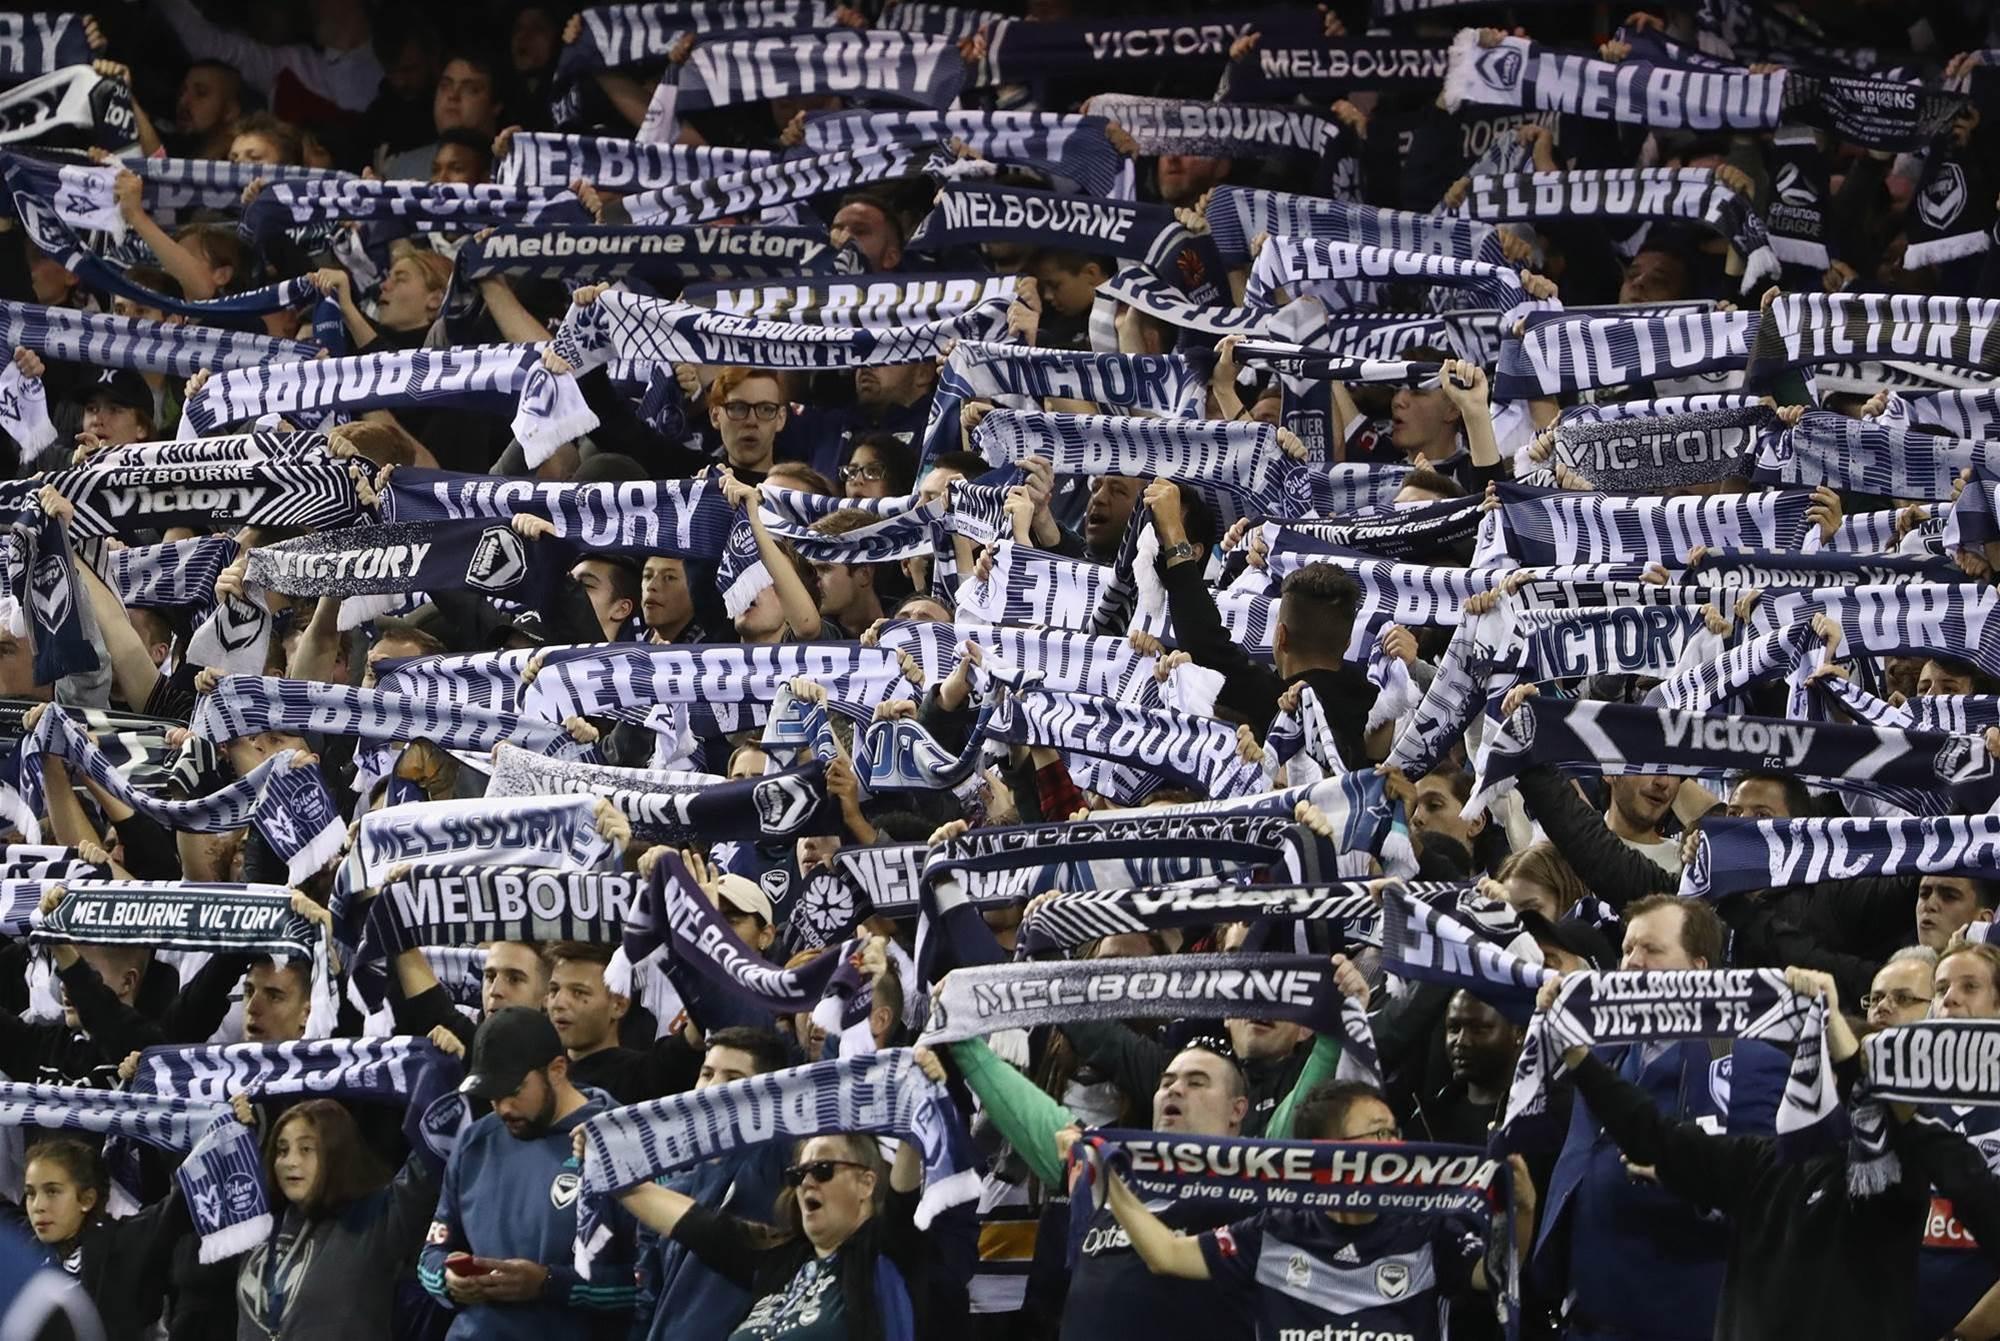 Melbourne derby pic bonanza